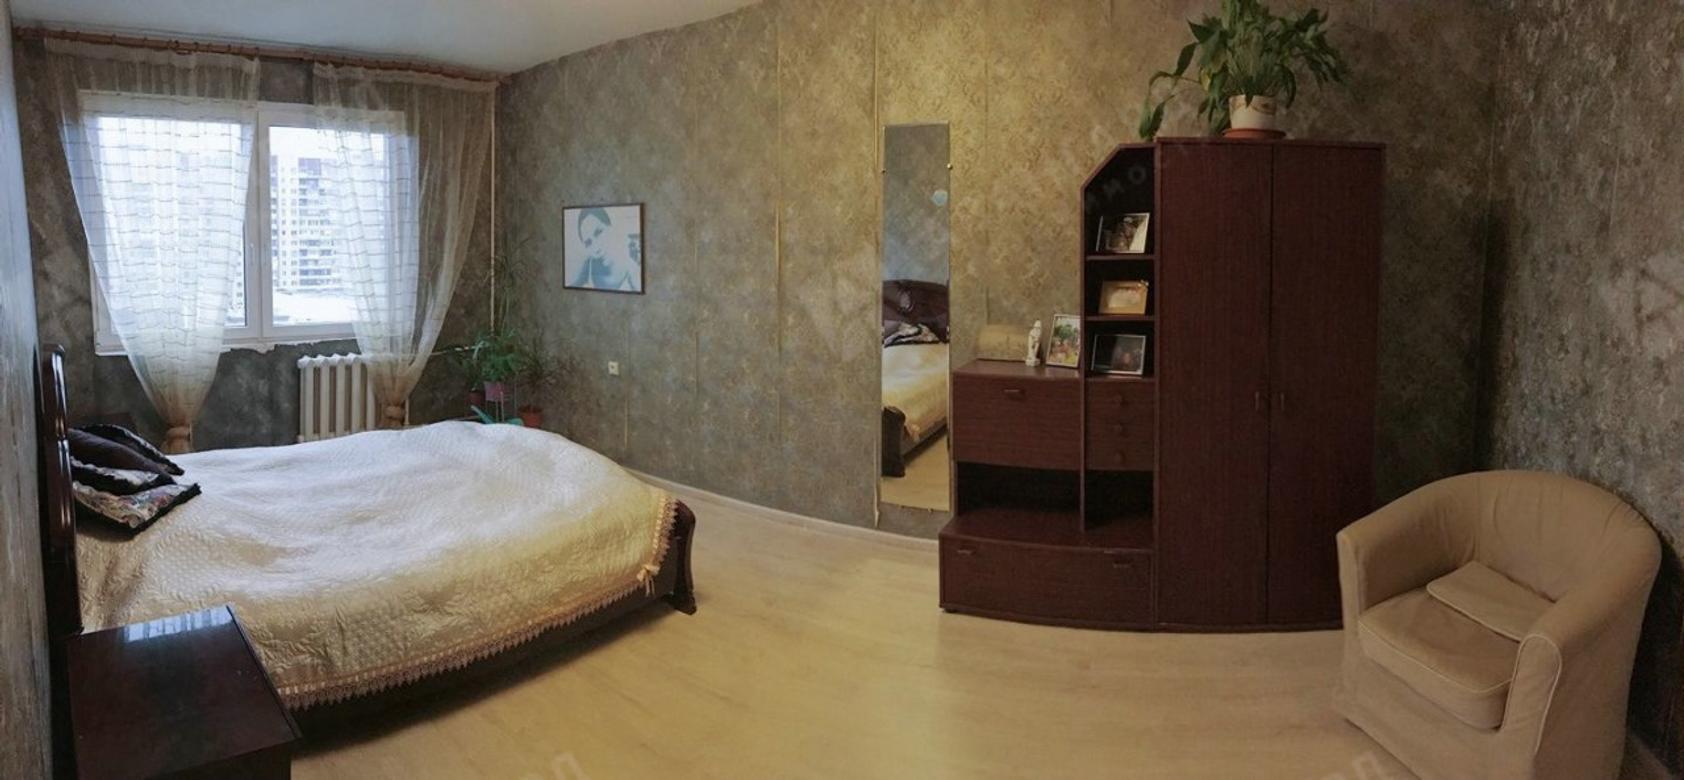 3-комнатная квартира, Вербная ул, 17Ак1 - фото 2